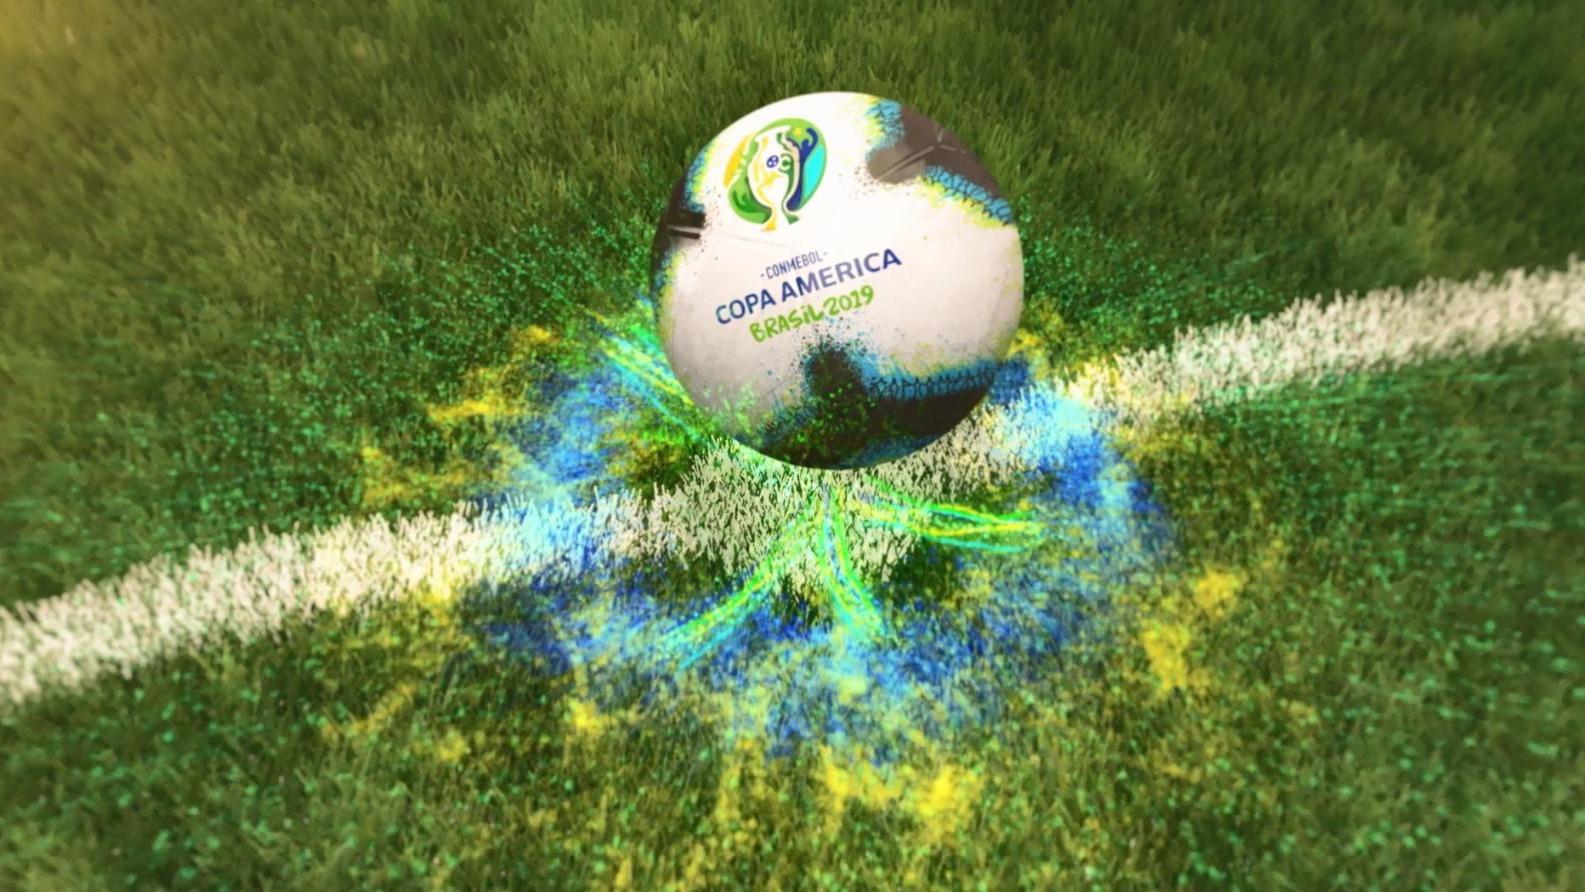 Video de promoción de la Copa América 2019